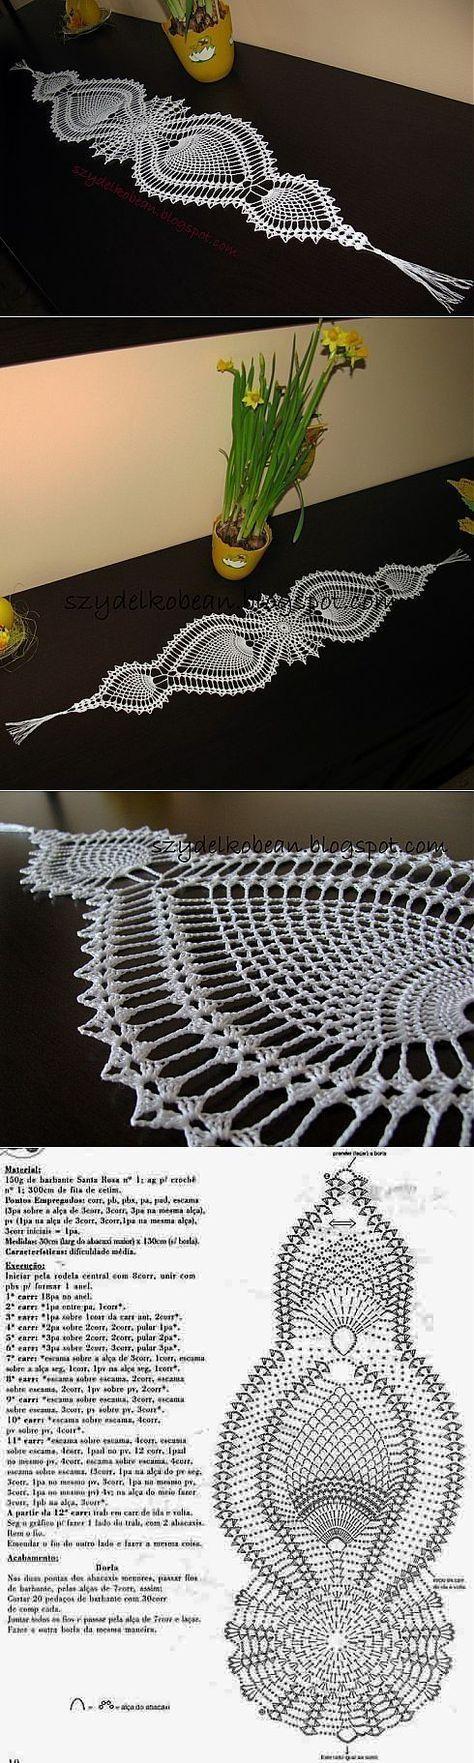 Patrn De Camino Mesa Tejido Al Crochet Y Dos Agujas Doily Diagram Patrones 2 Patterns Pin